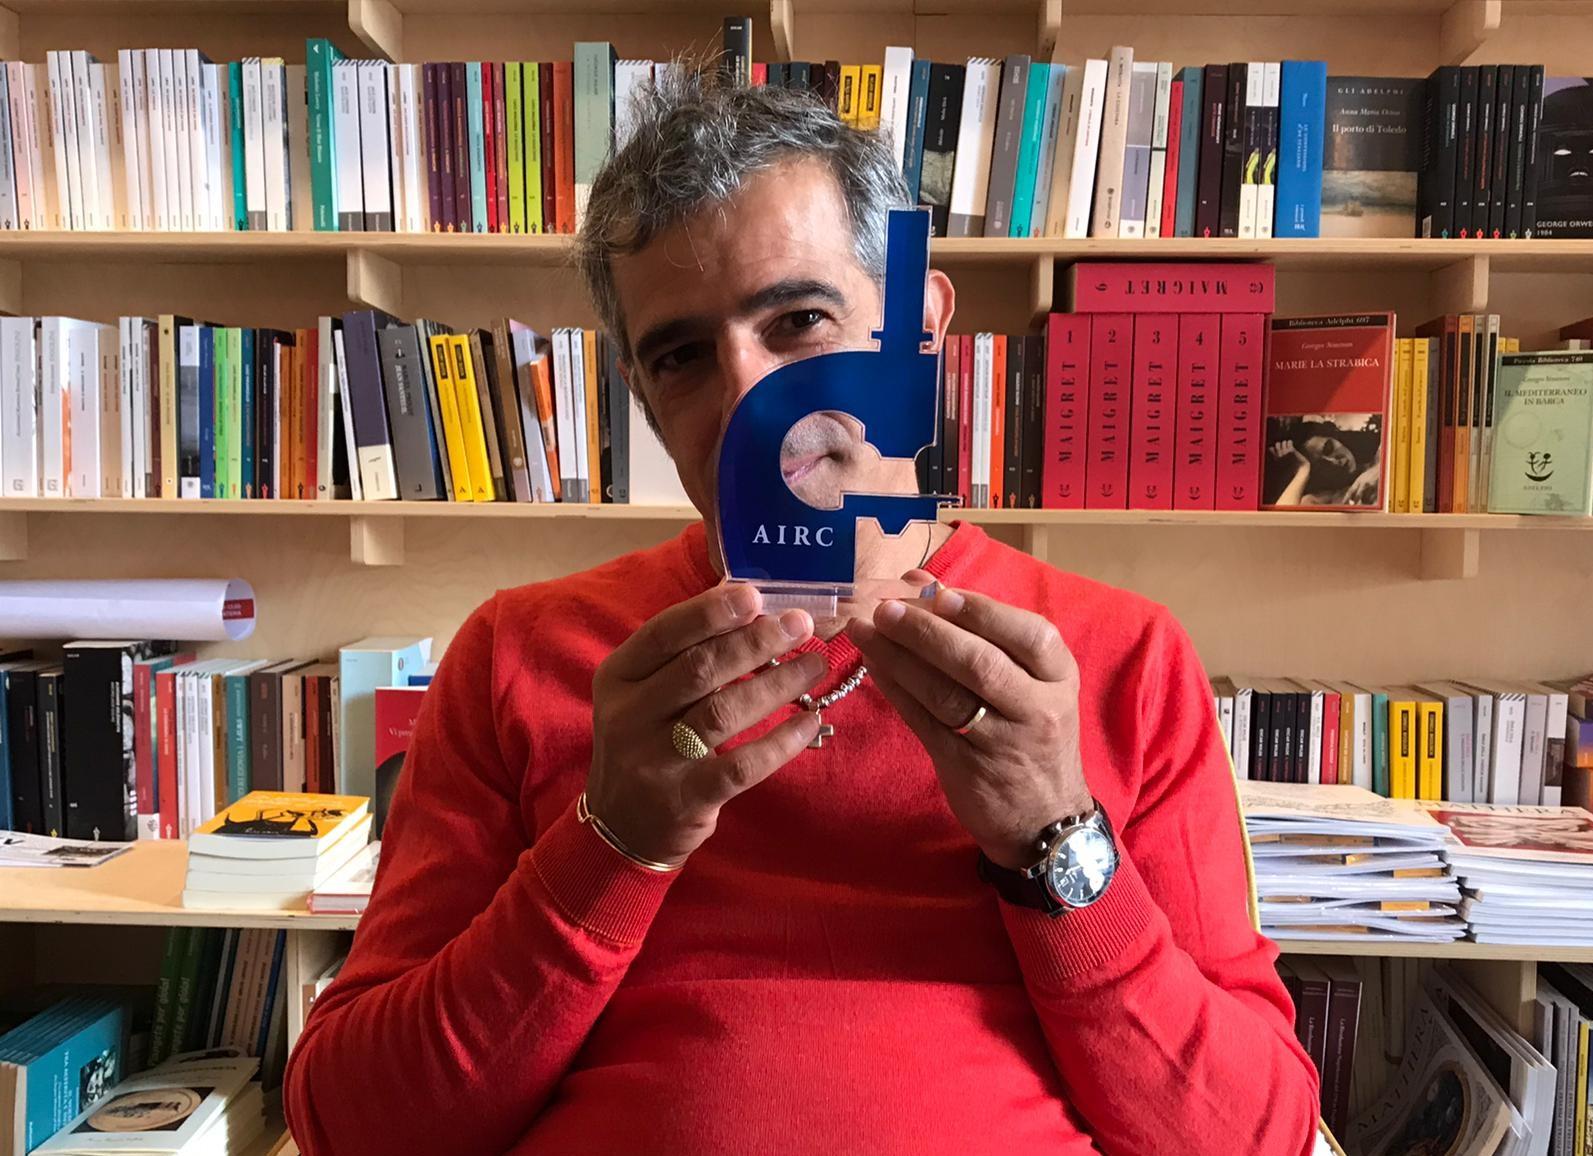 Paolo Fresu e Daniele di Bonaventura al Bellini per la raccolta fondi 2019 dell'AIRC